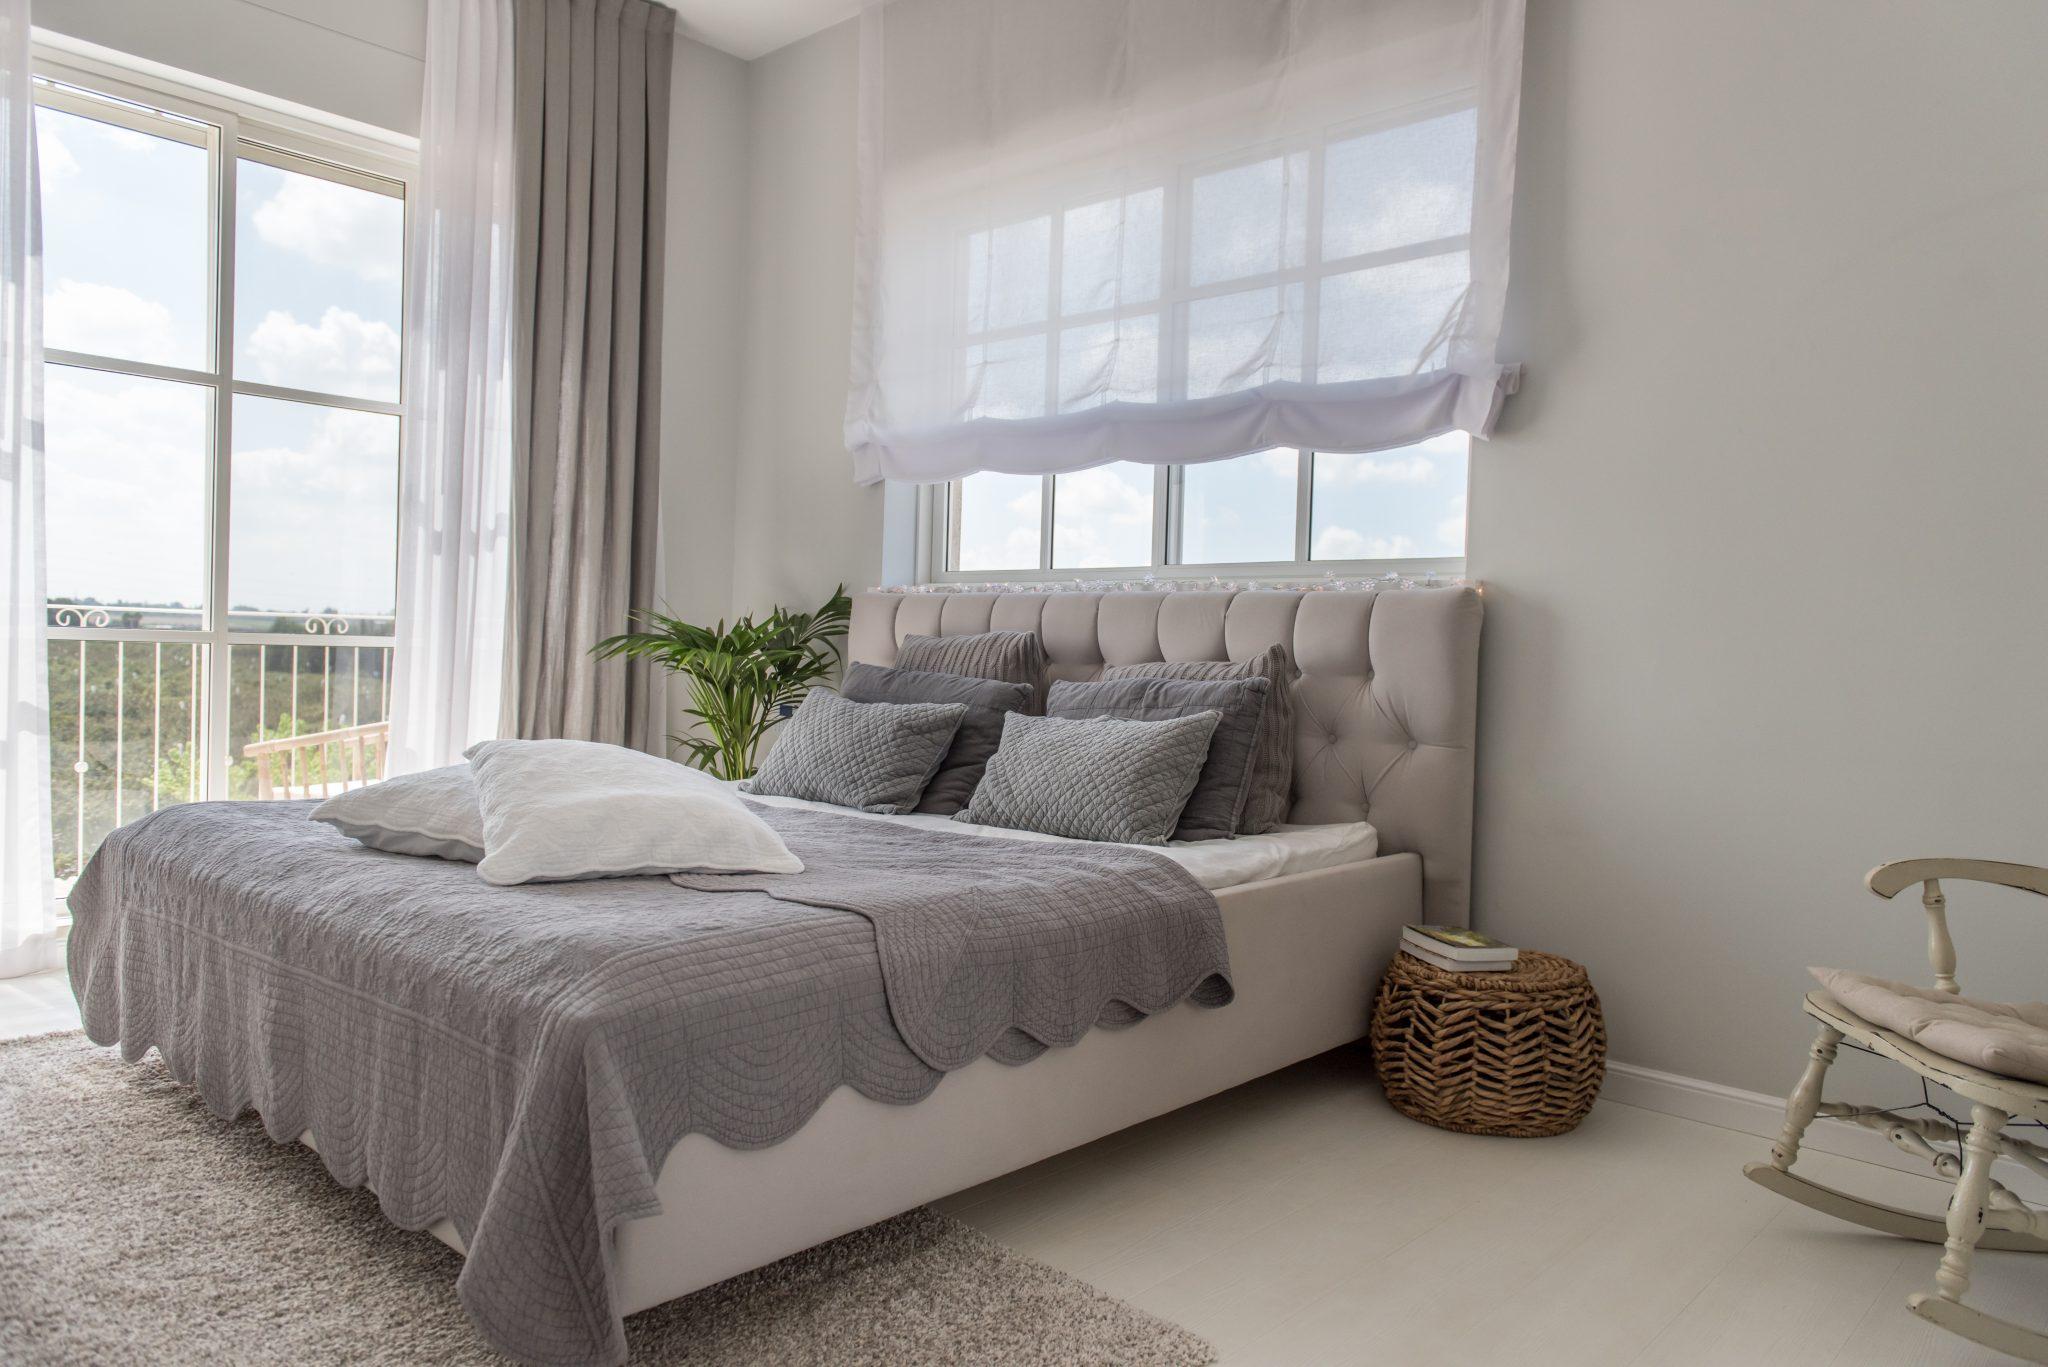 חדר שינה מרווח